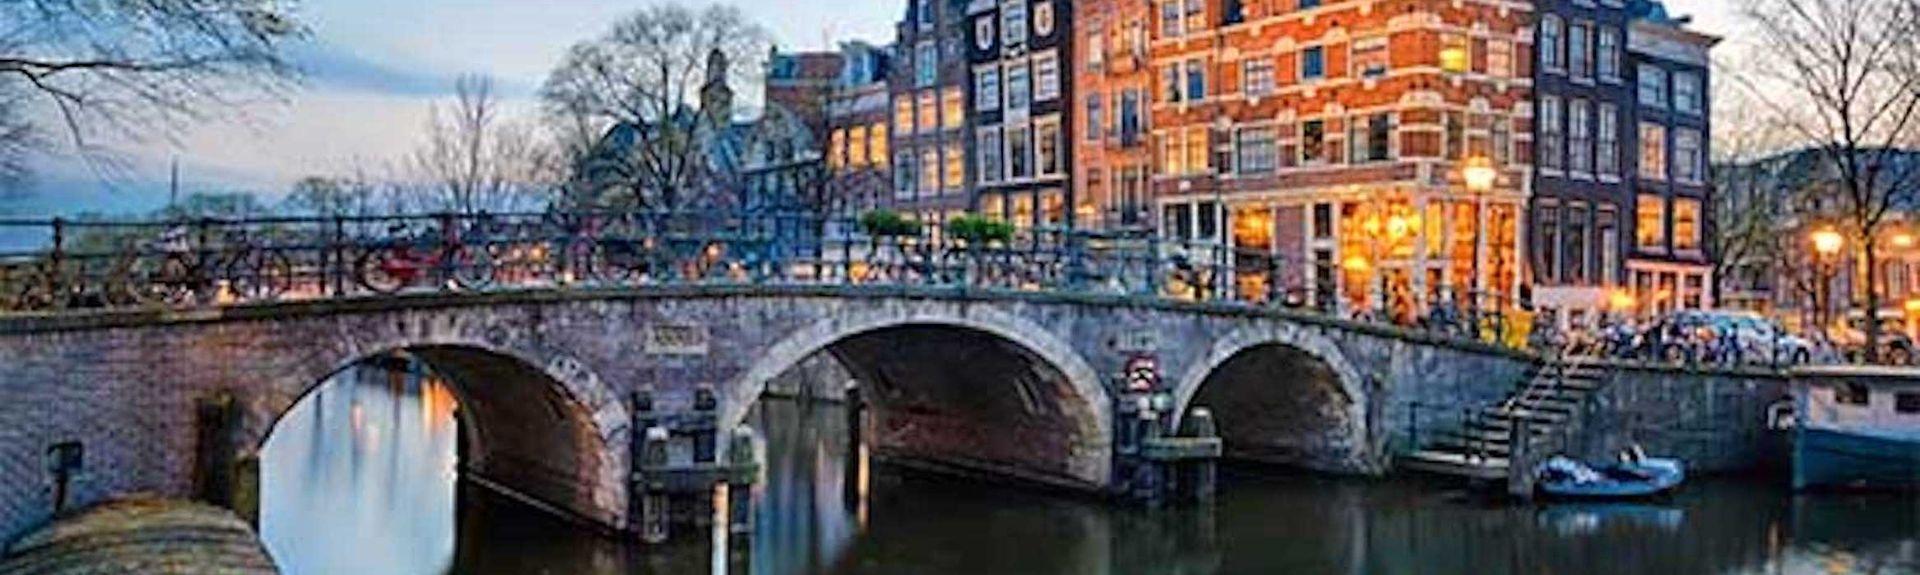 Ámsterdam oeste, Ámsterdam, Holanda Septentrional, Países Bajos